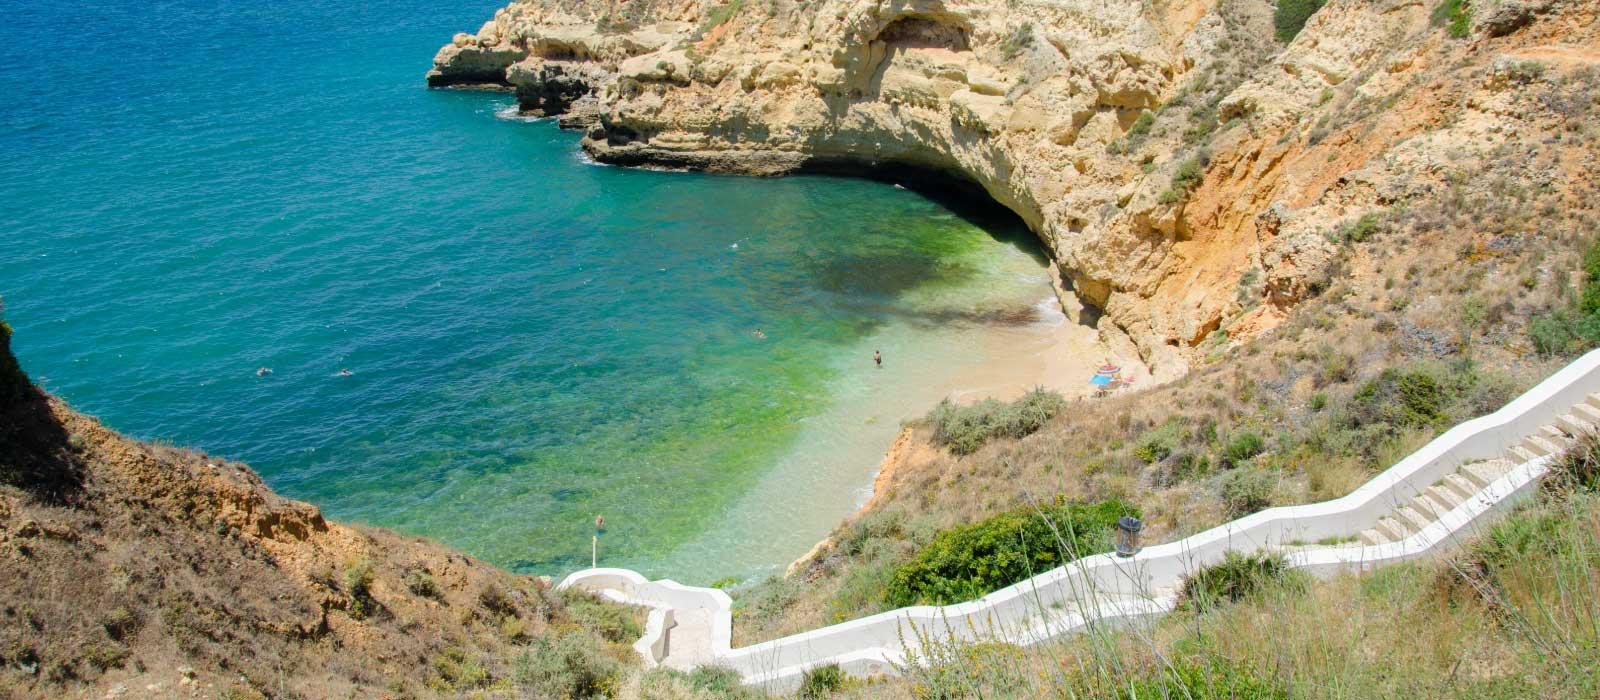 plages-criques-secretes-algarve-portugal